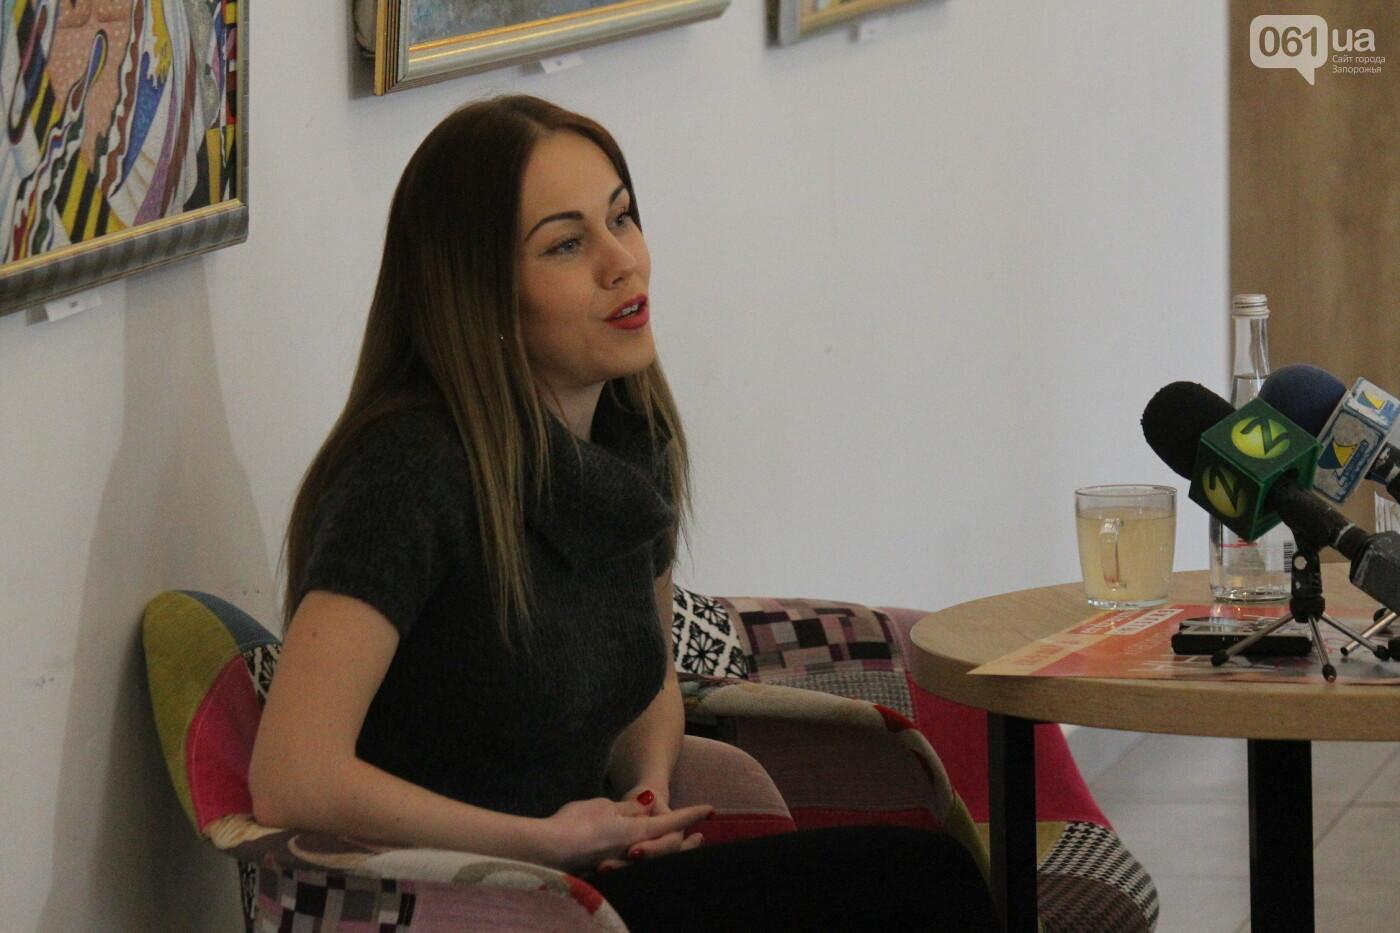 Перед концертом в родном Запорожье певица Alyosha провела автограф-сессию, – ФОТОРЕПОРТАЖ, фото-3